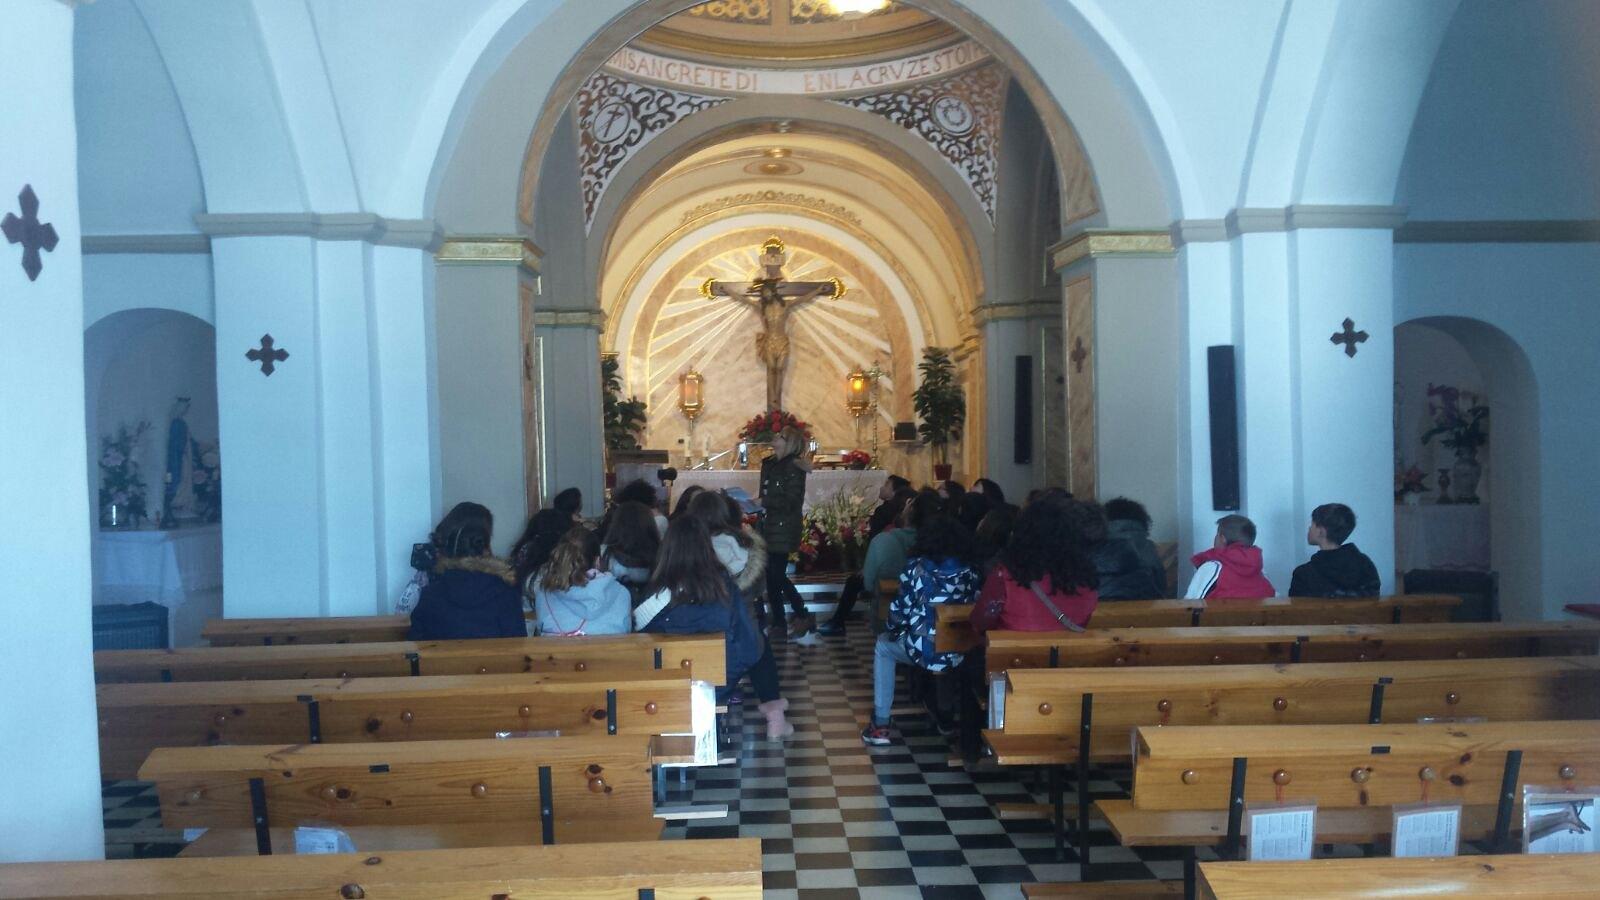 (2018-03-19) - Visita ermita alumnos Yolada-Pilar,6º, Virrey Poveda-9 de Octubre - Maria Isabel Berenquer Brotons - (14)